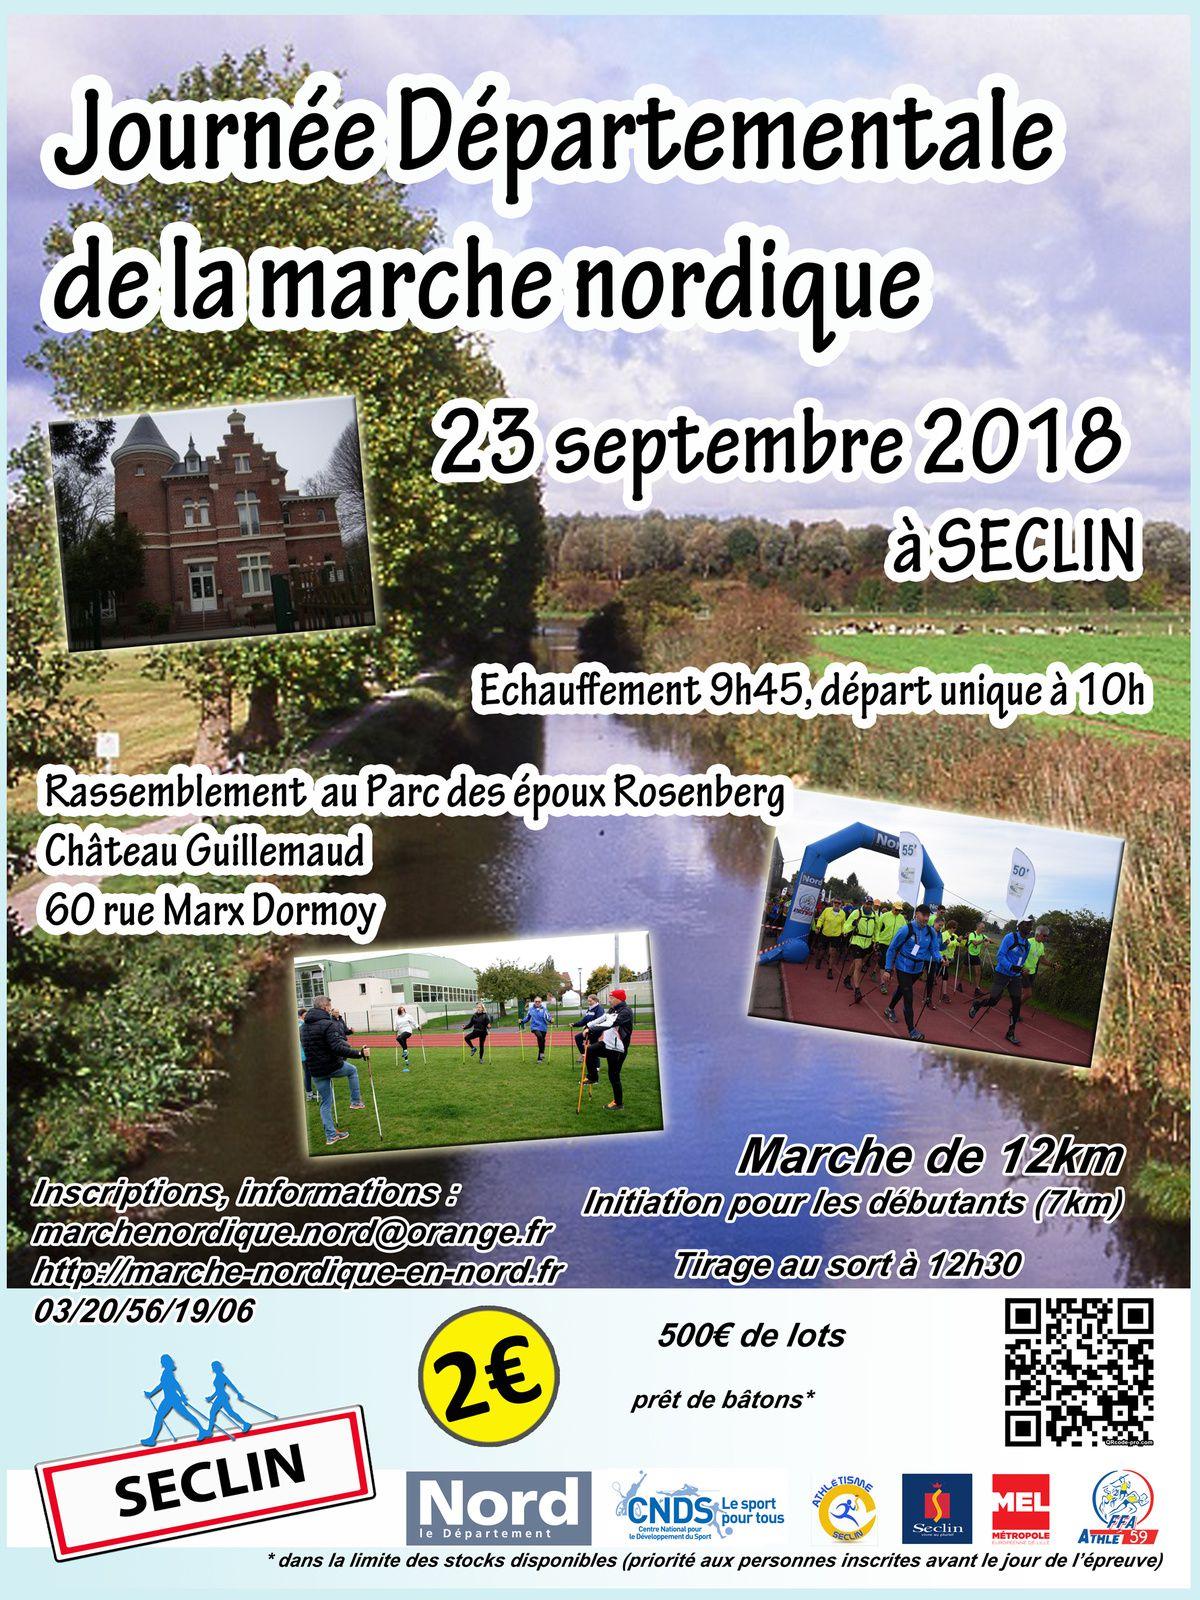 Journée départementale de la MN à Seclin le dimanche 23 septembre